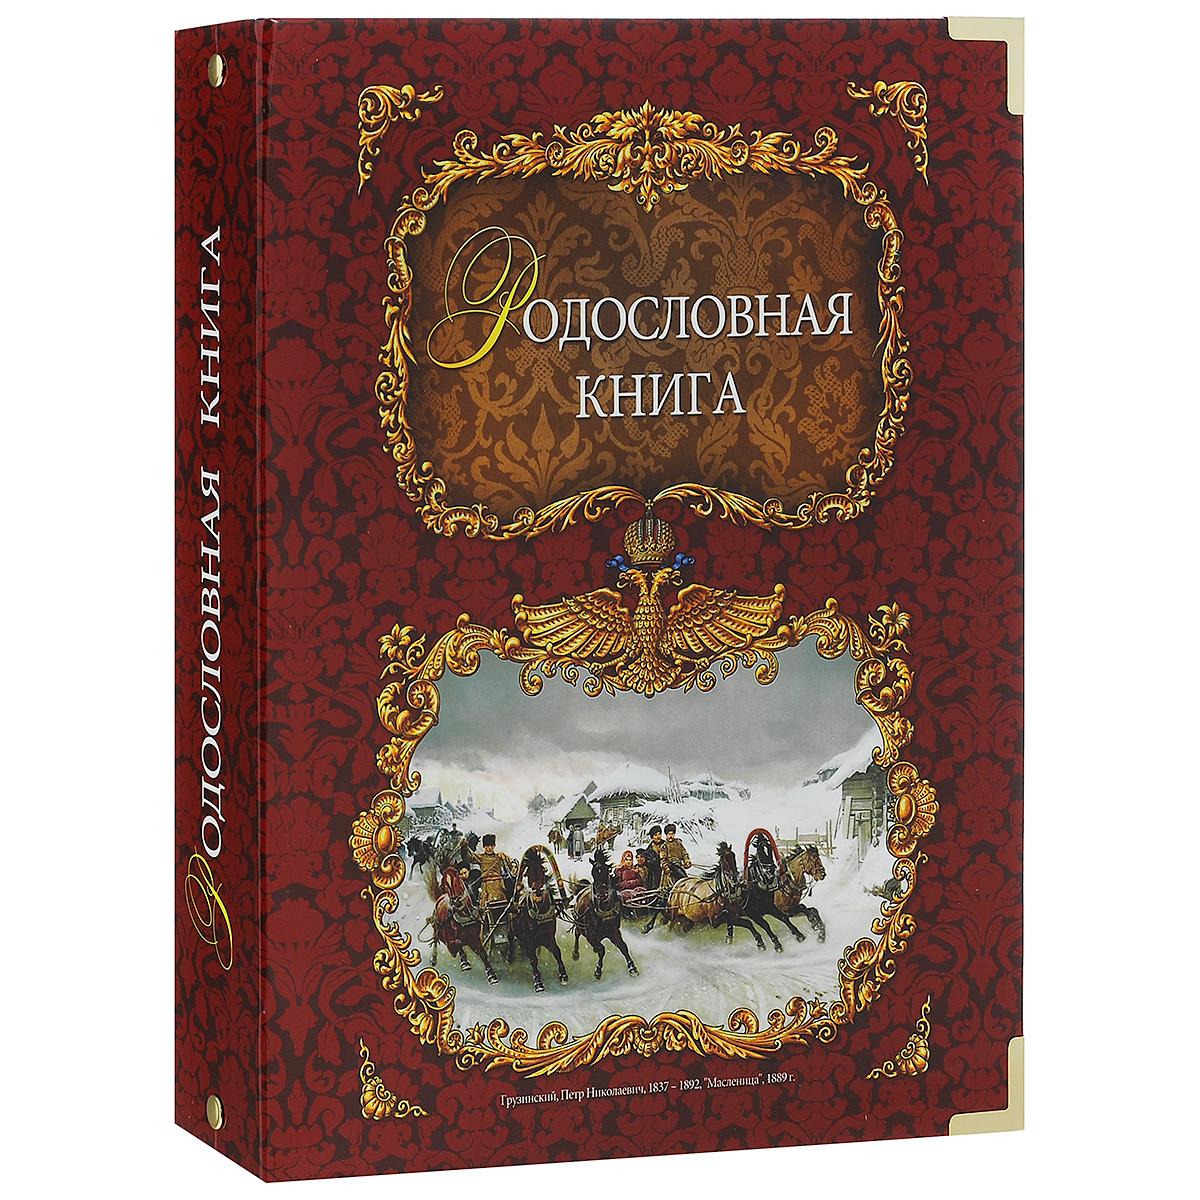 Родословная книга Тройка, цвет: бордовый санкт петербургская дворянская родословная книга роды чье внесение